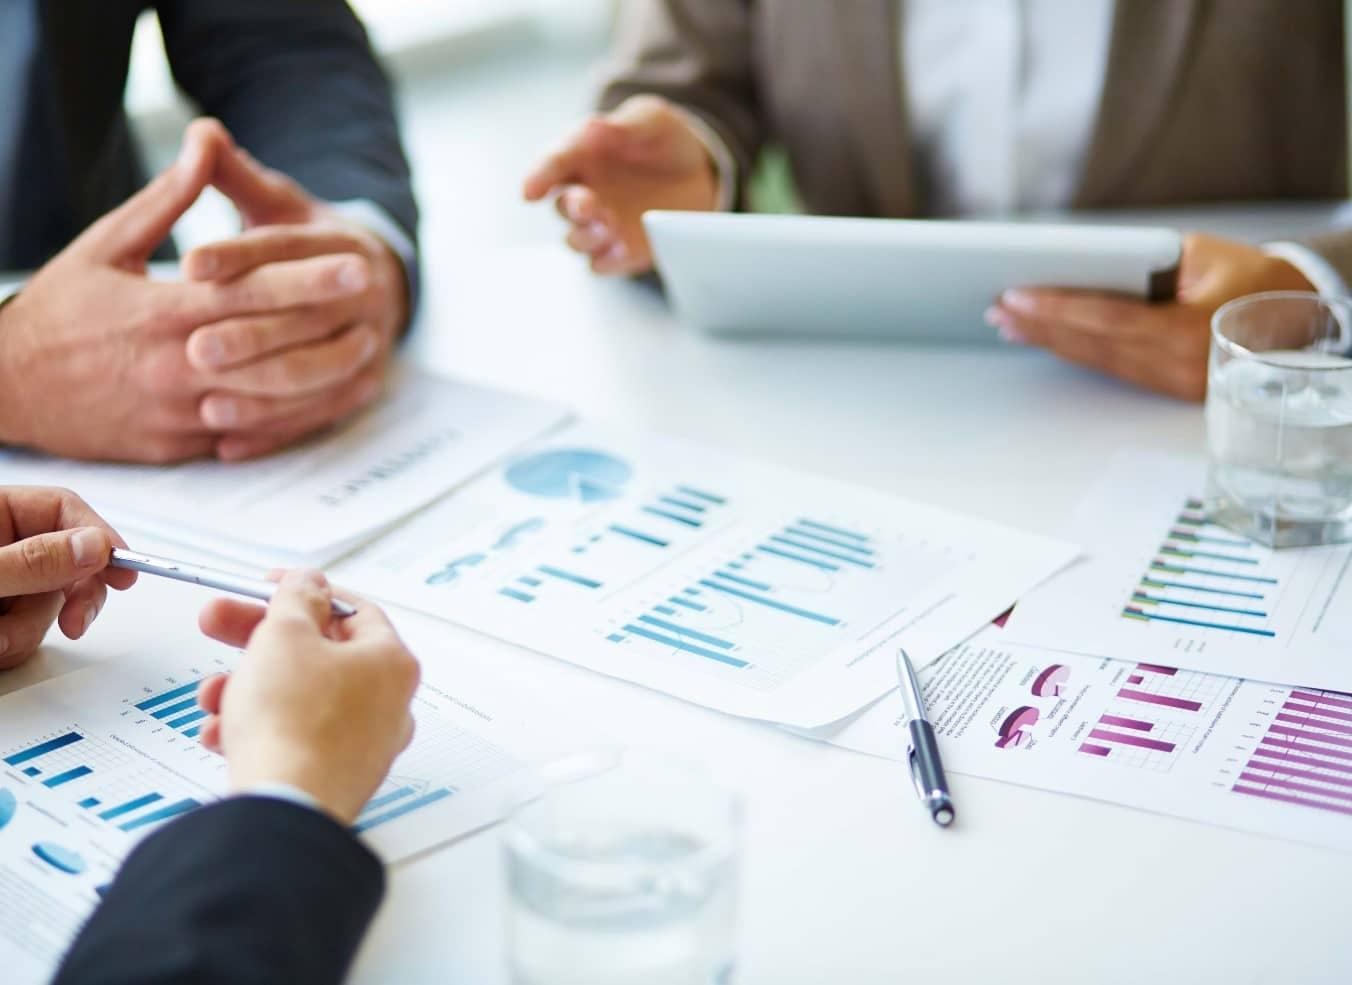 Юніт-економіка: що це таке? - startups, news, business